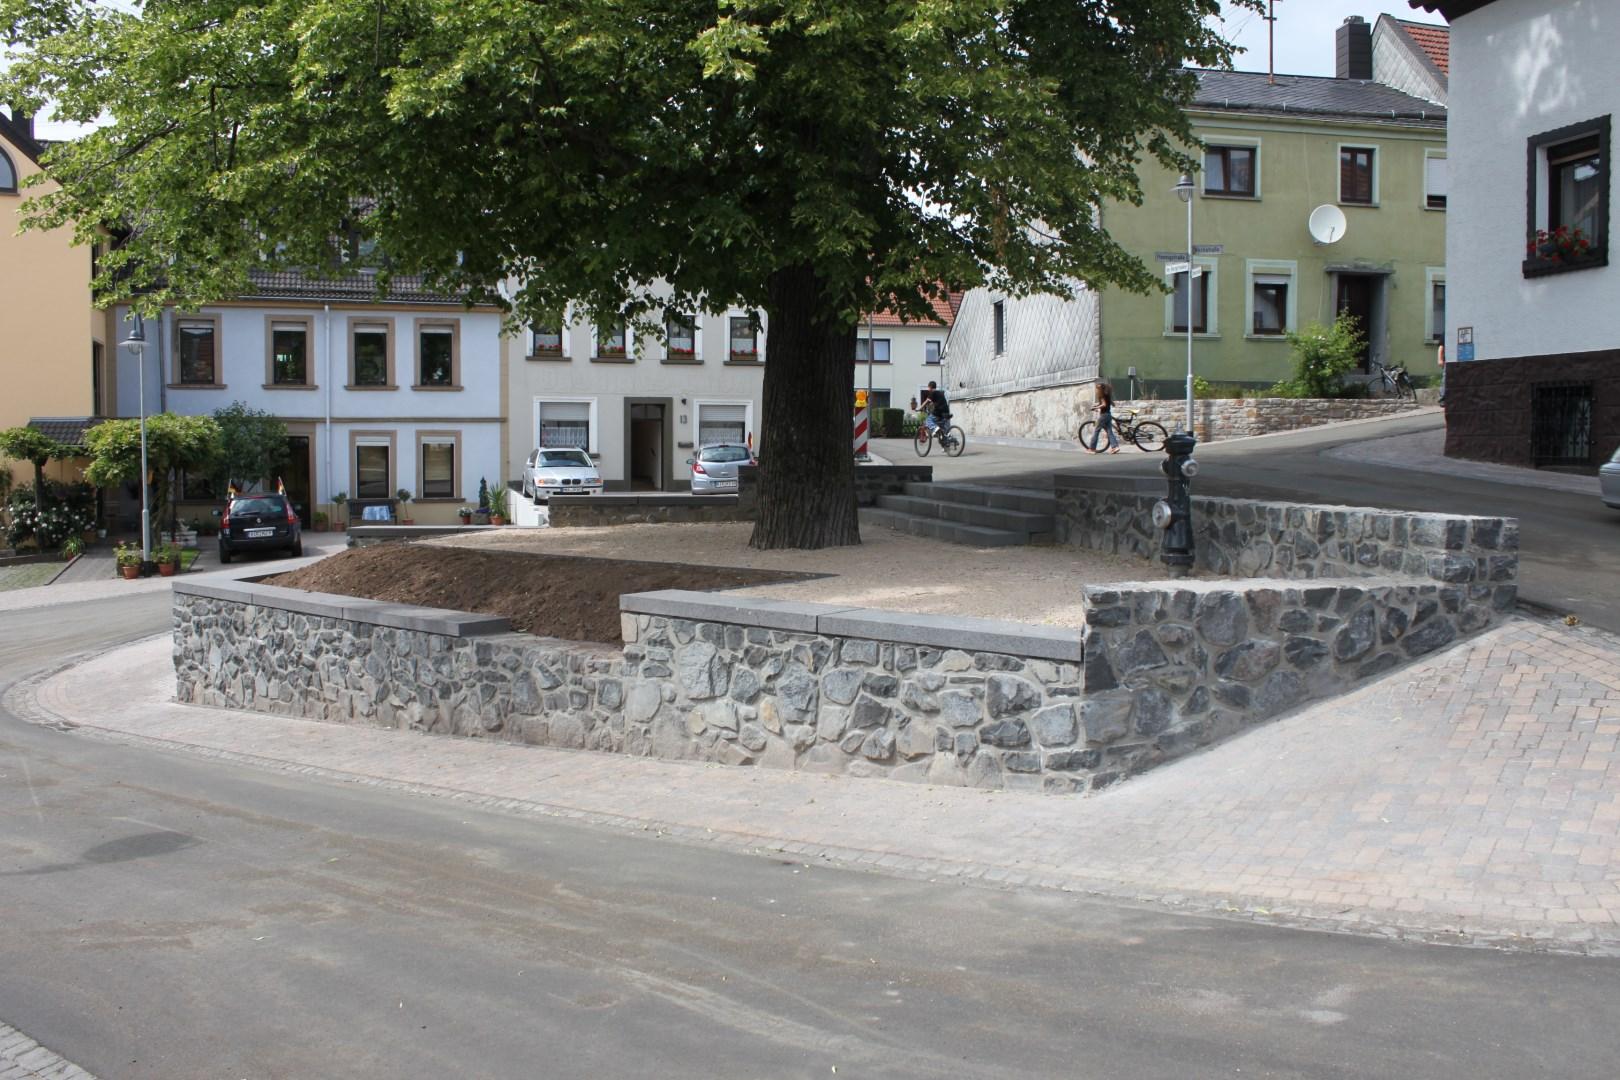 Lindenplatz_Baumholder.jpg